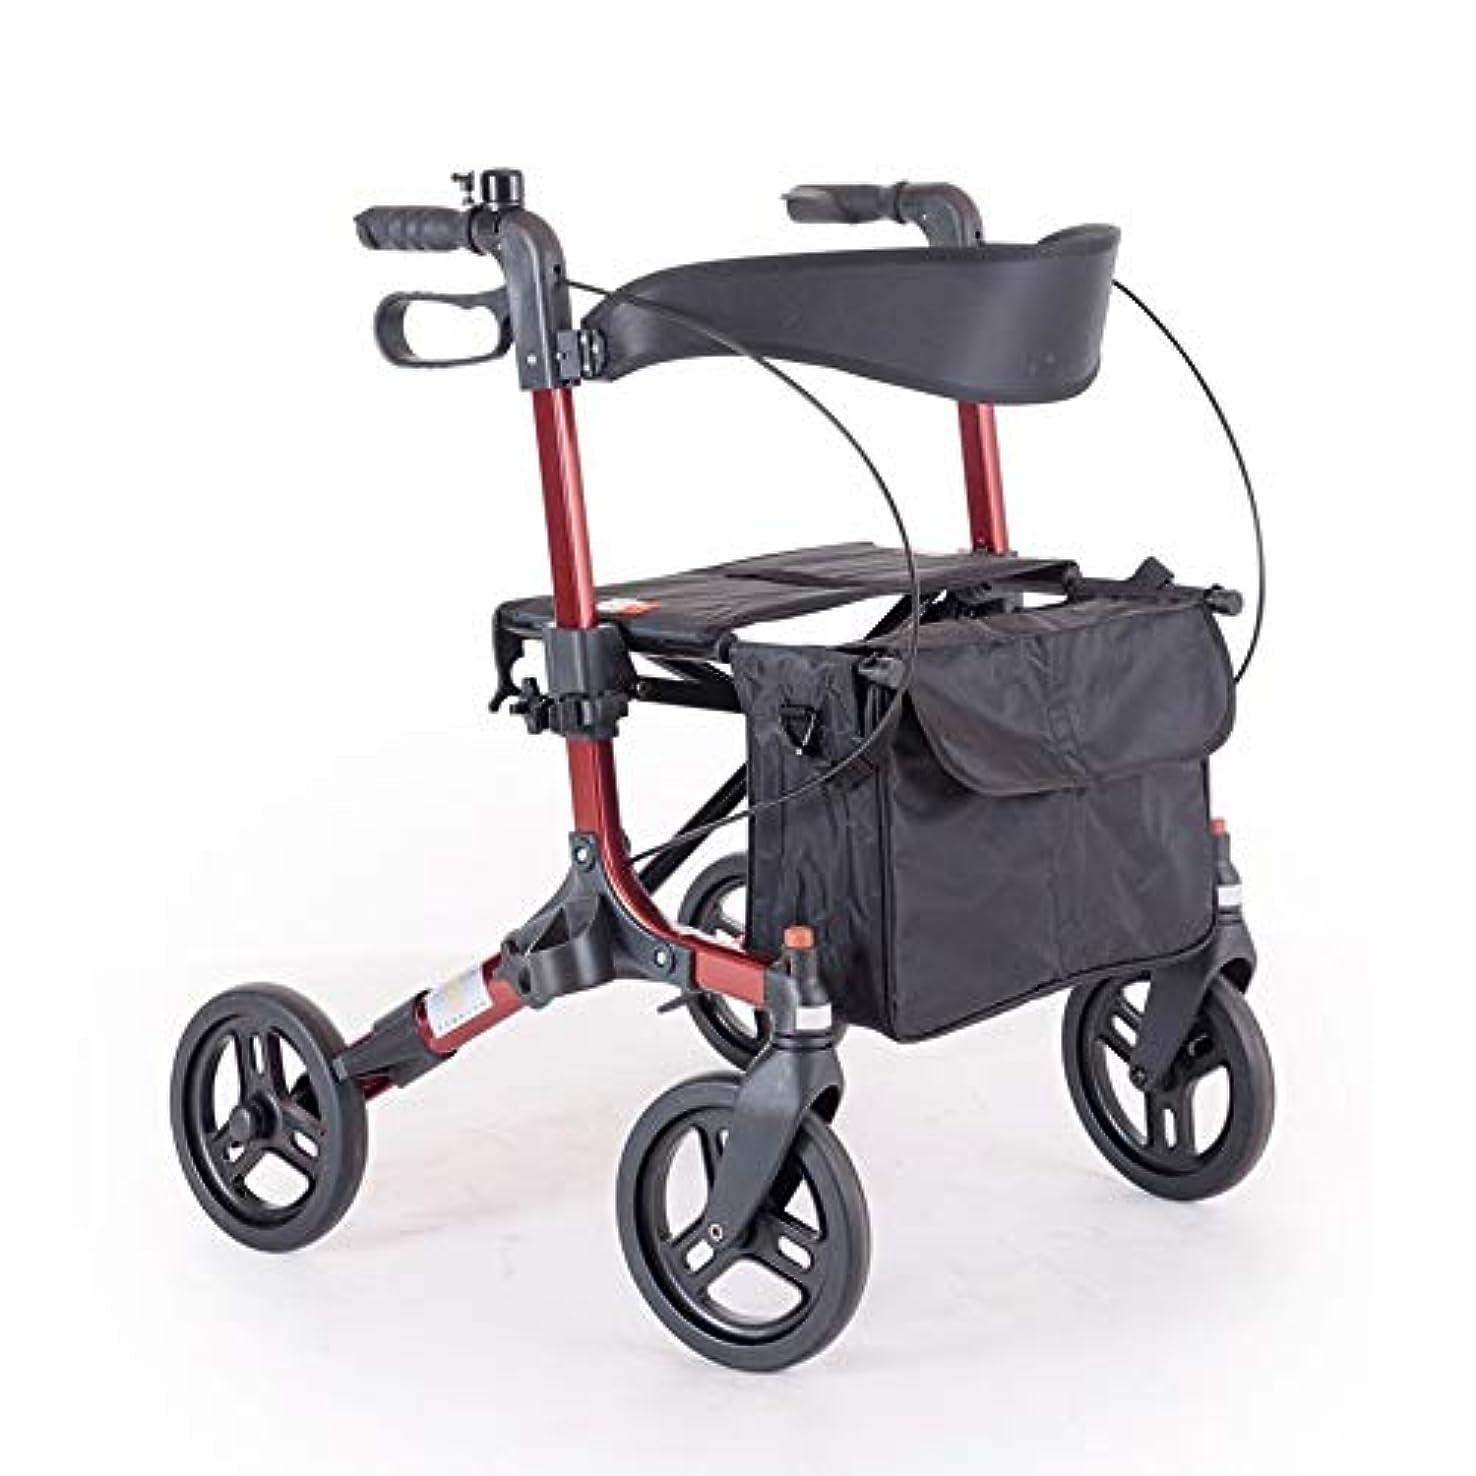 アミューズメント配送効果折り畳み式の軽量コンパクトな歩行器、シートとバッグ付き